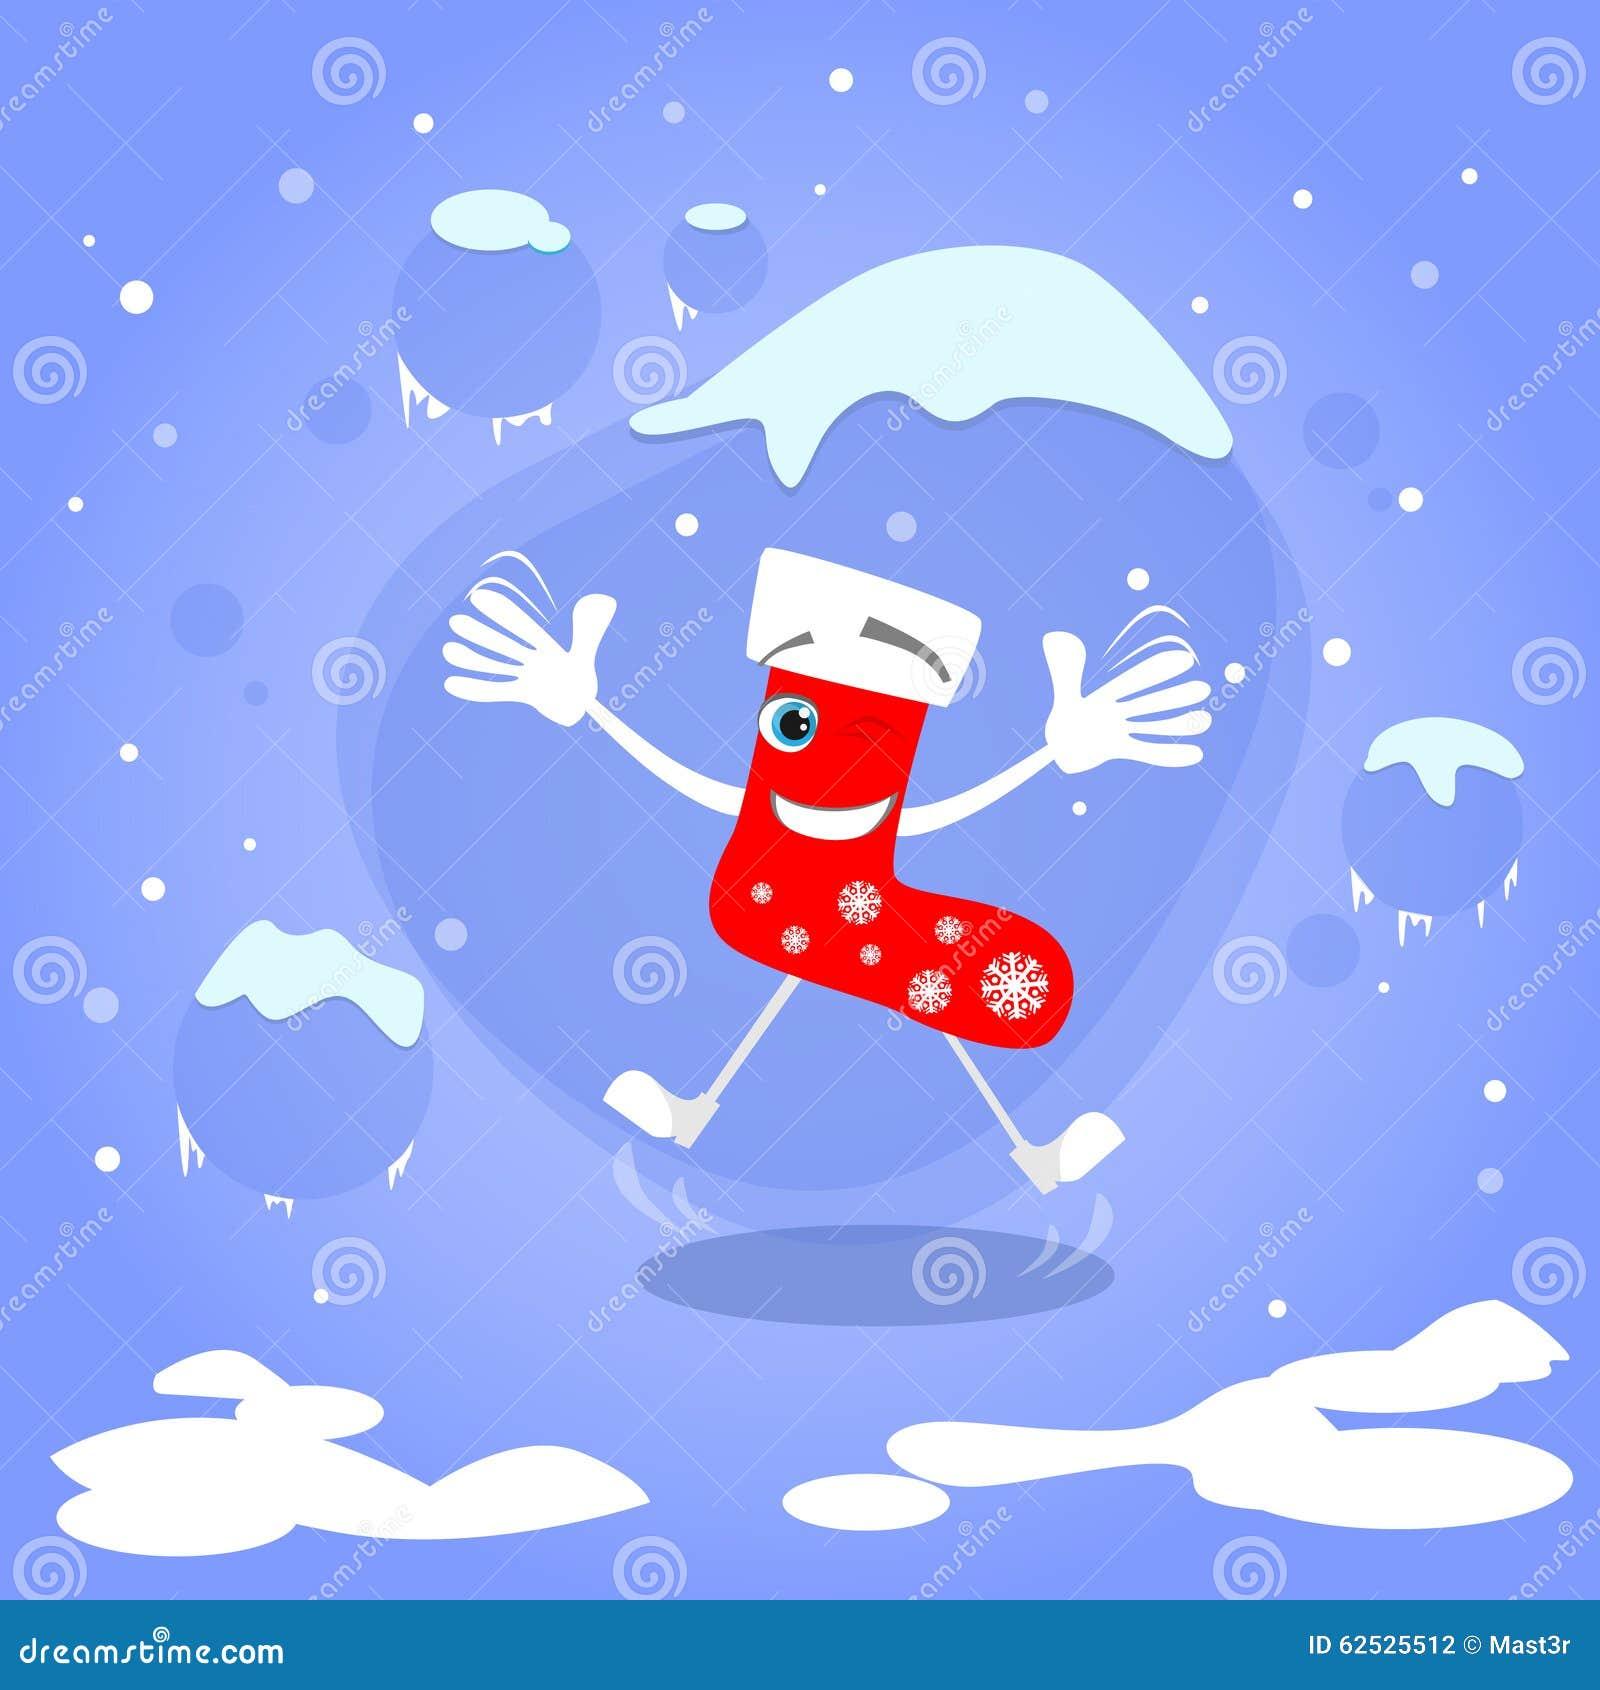 圣诞节红色袜子跳跃激动的微笑动画片